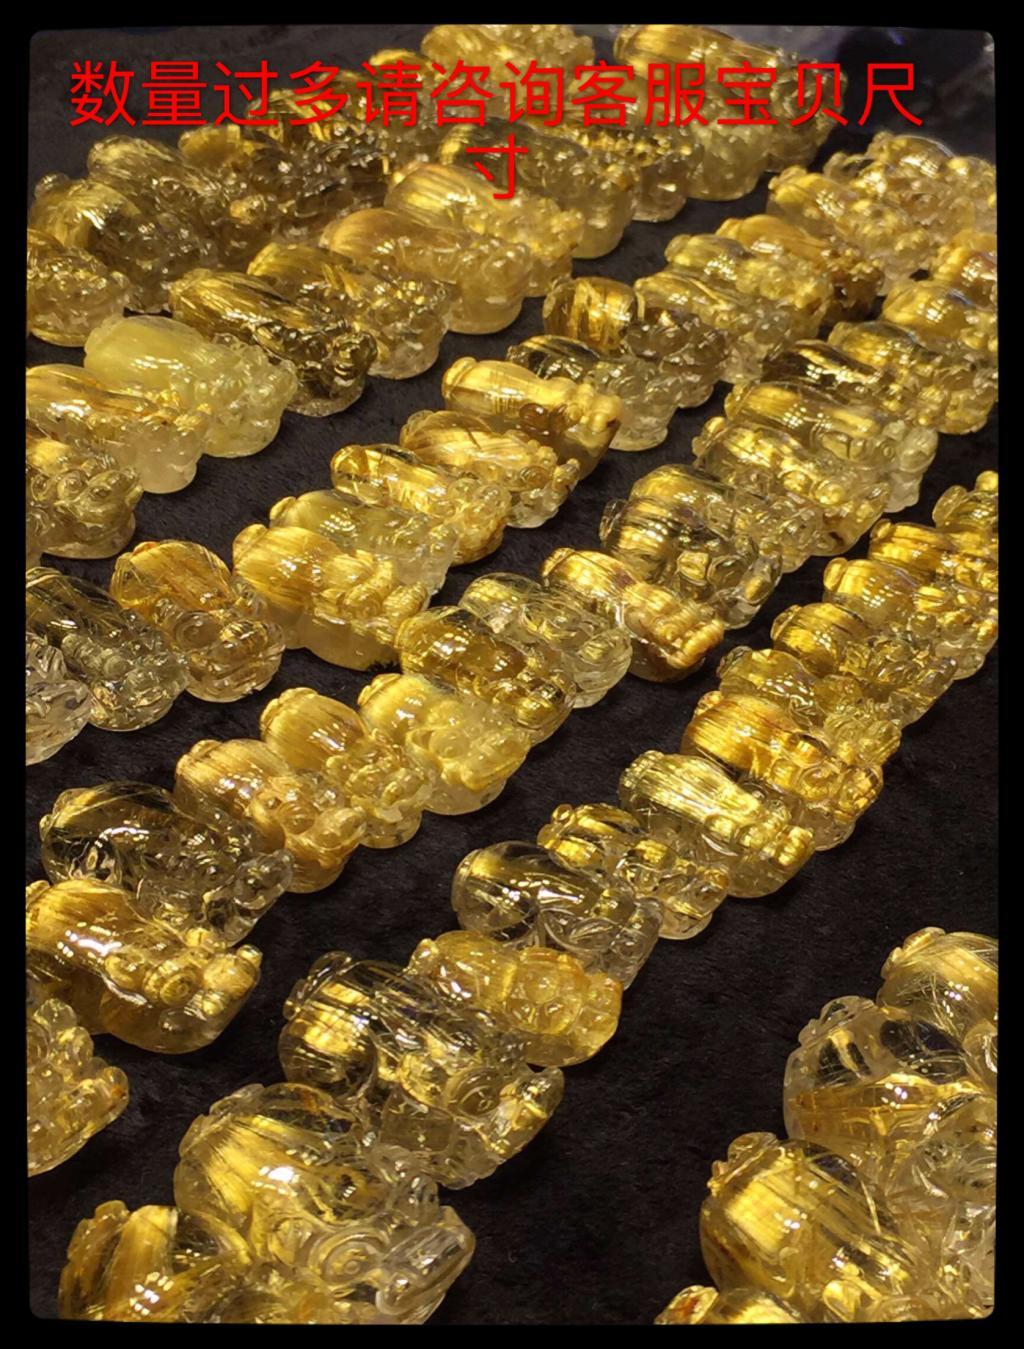 东海水晶 巴西钛晶 貔貅吊坠 金发晶 绿幽灵貔貅吊坠